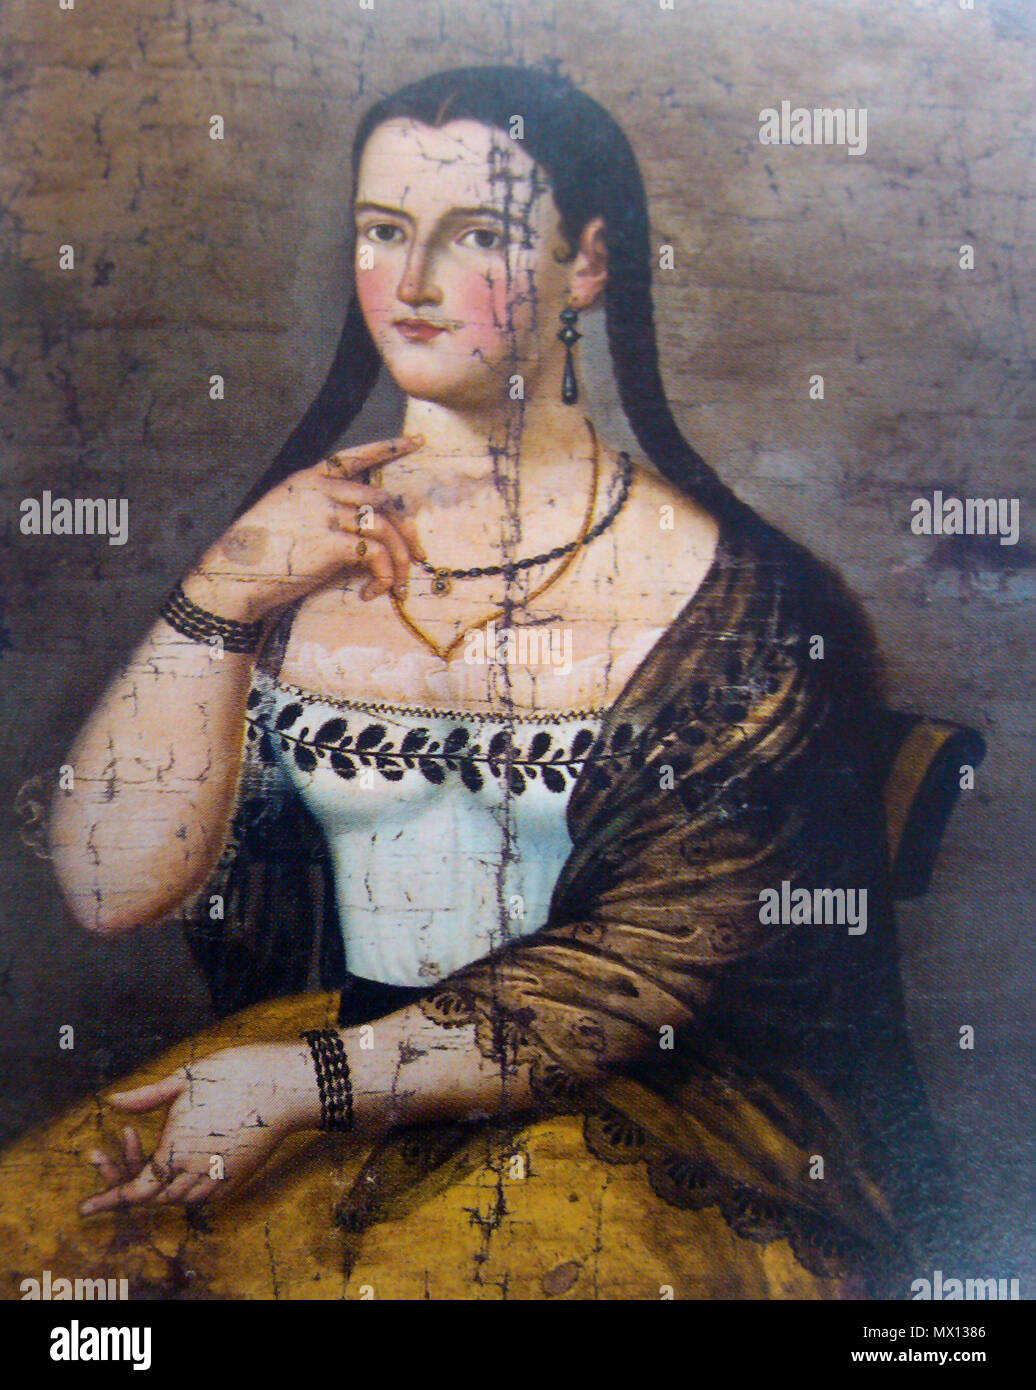 392 Manuela Cañizares (adolescente) 02 Photo Stock